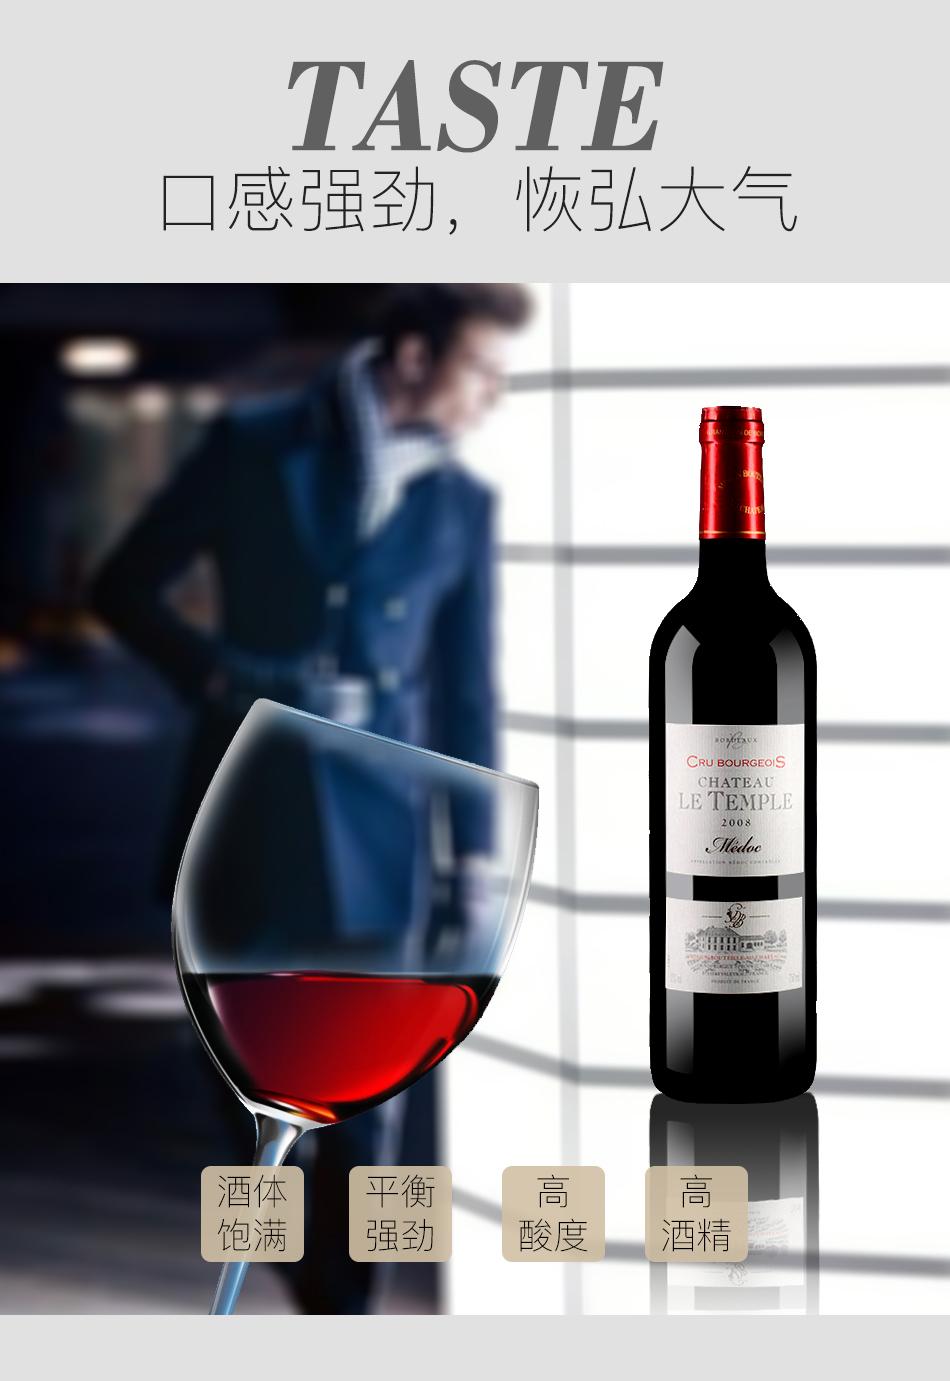 2008年圣殿酒庄红葡萄酒_03